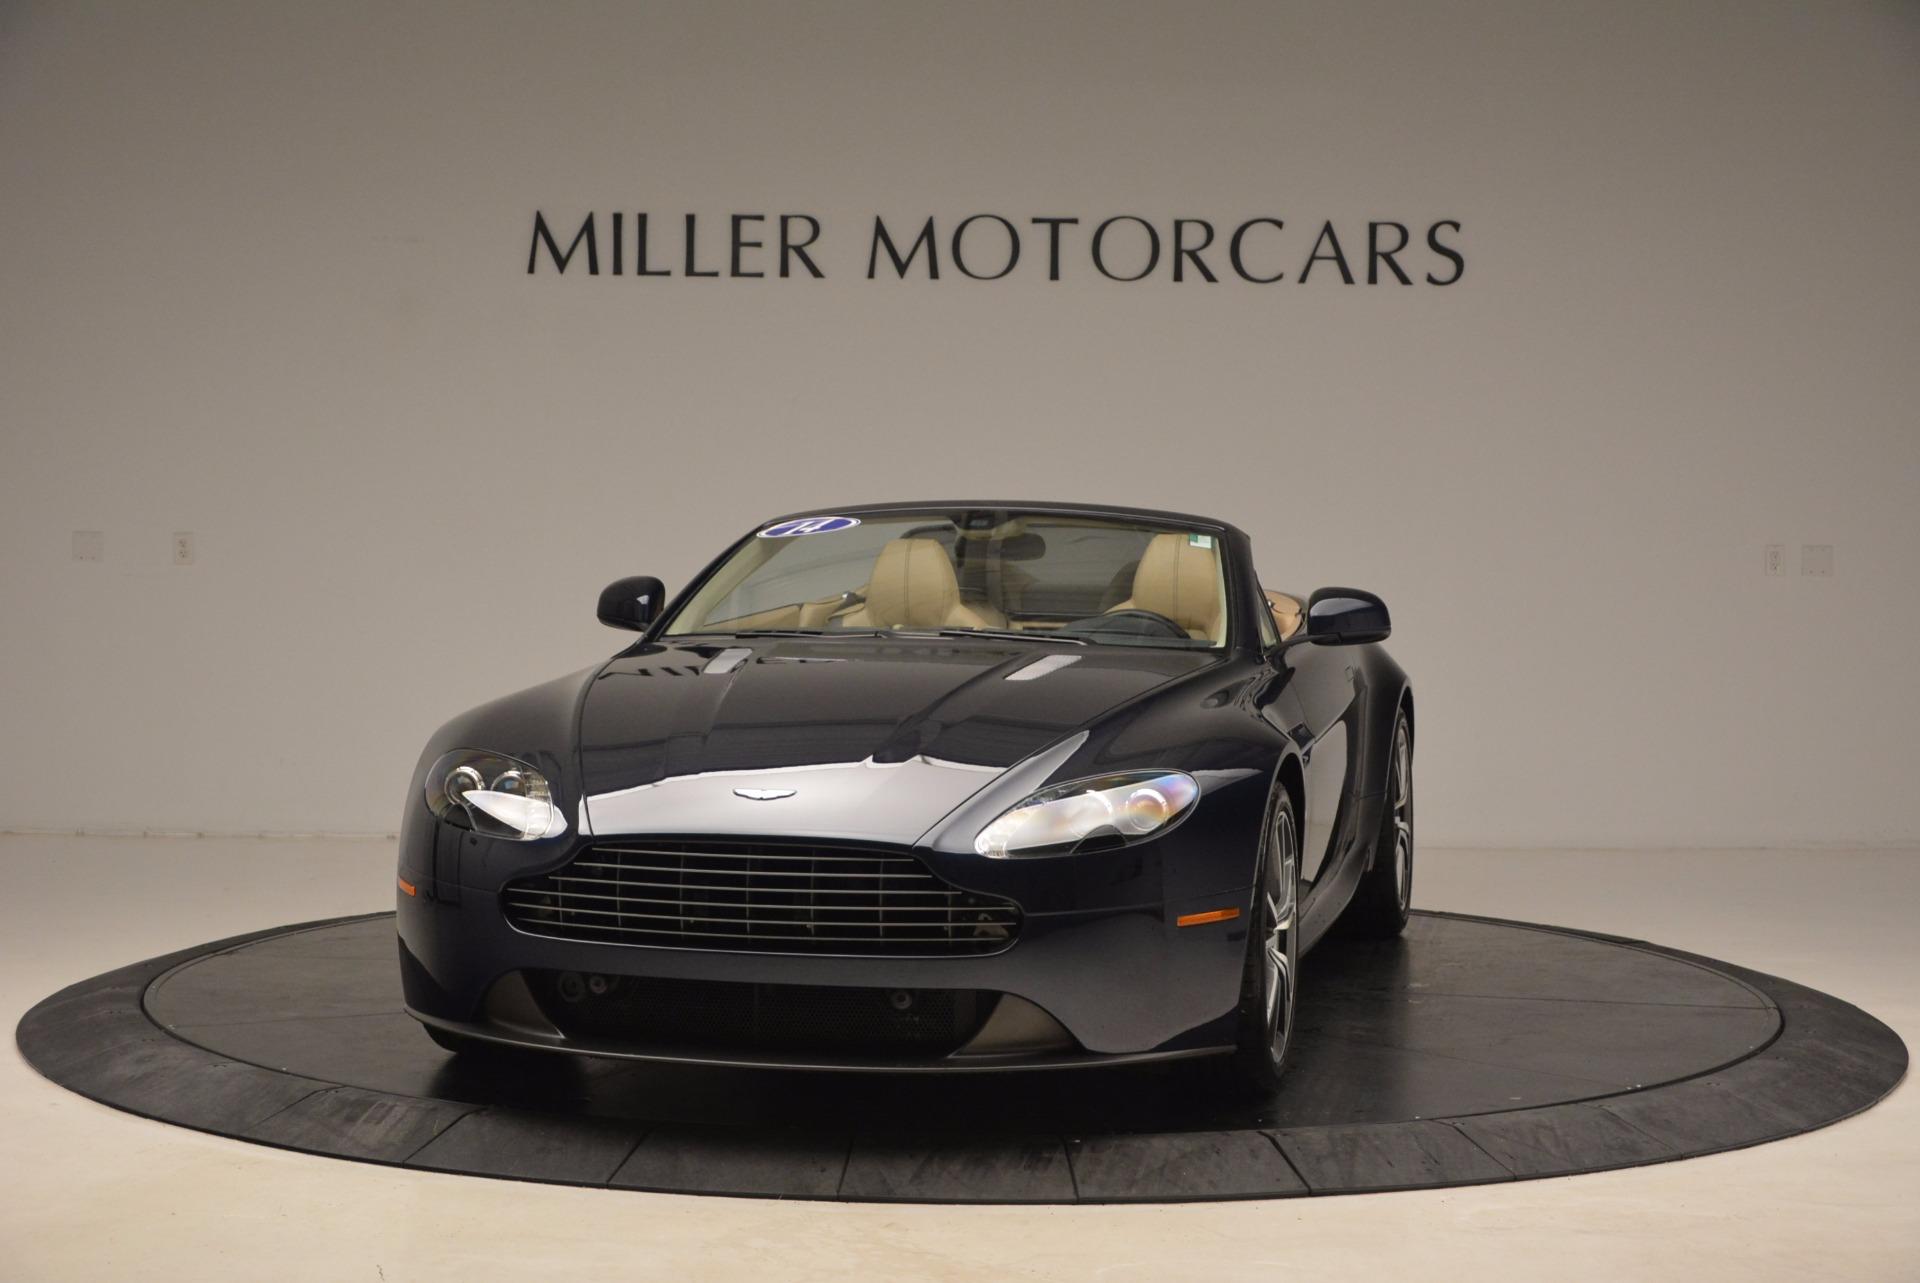 Used 2014 Aston Martin V8 Vantage Roadster for sale Sold at Aston Martin of Greenwich in Greenwich CT 06830 1